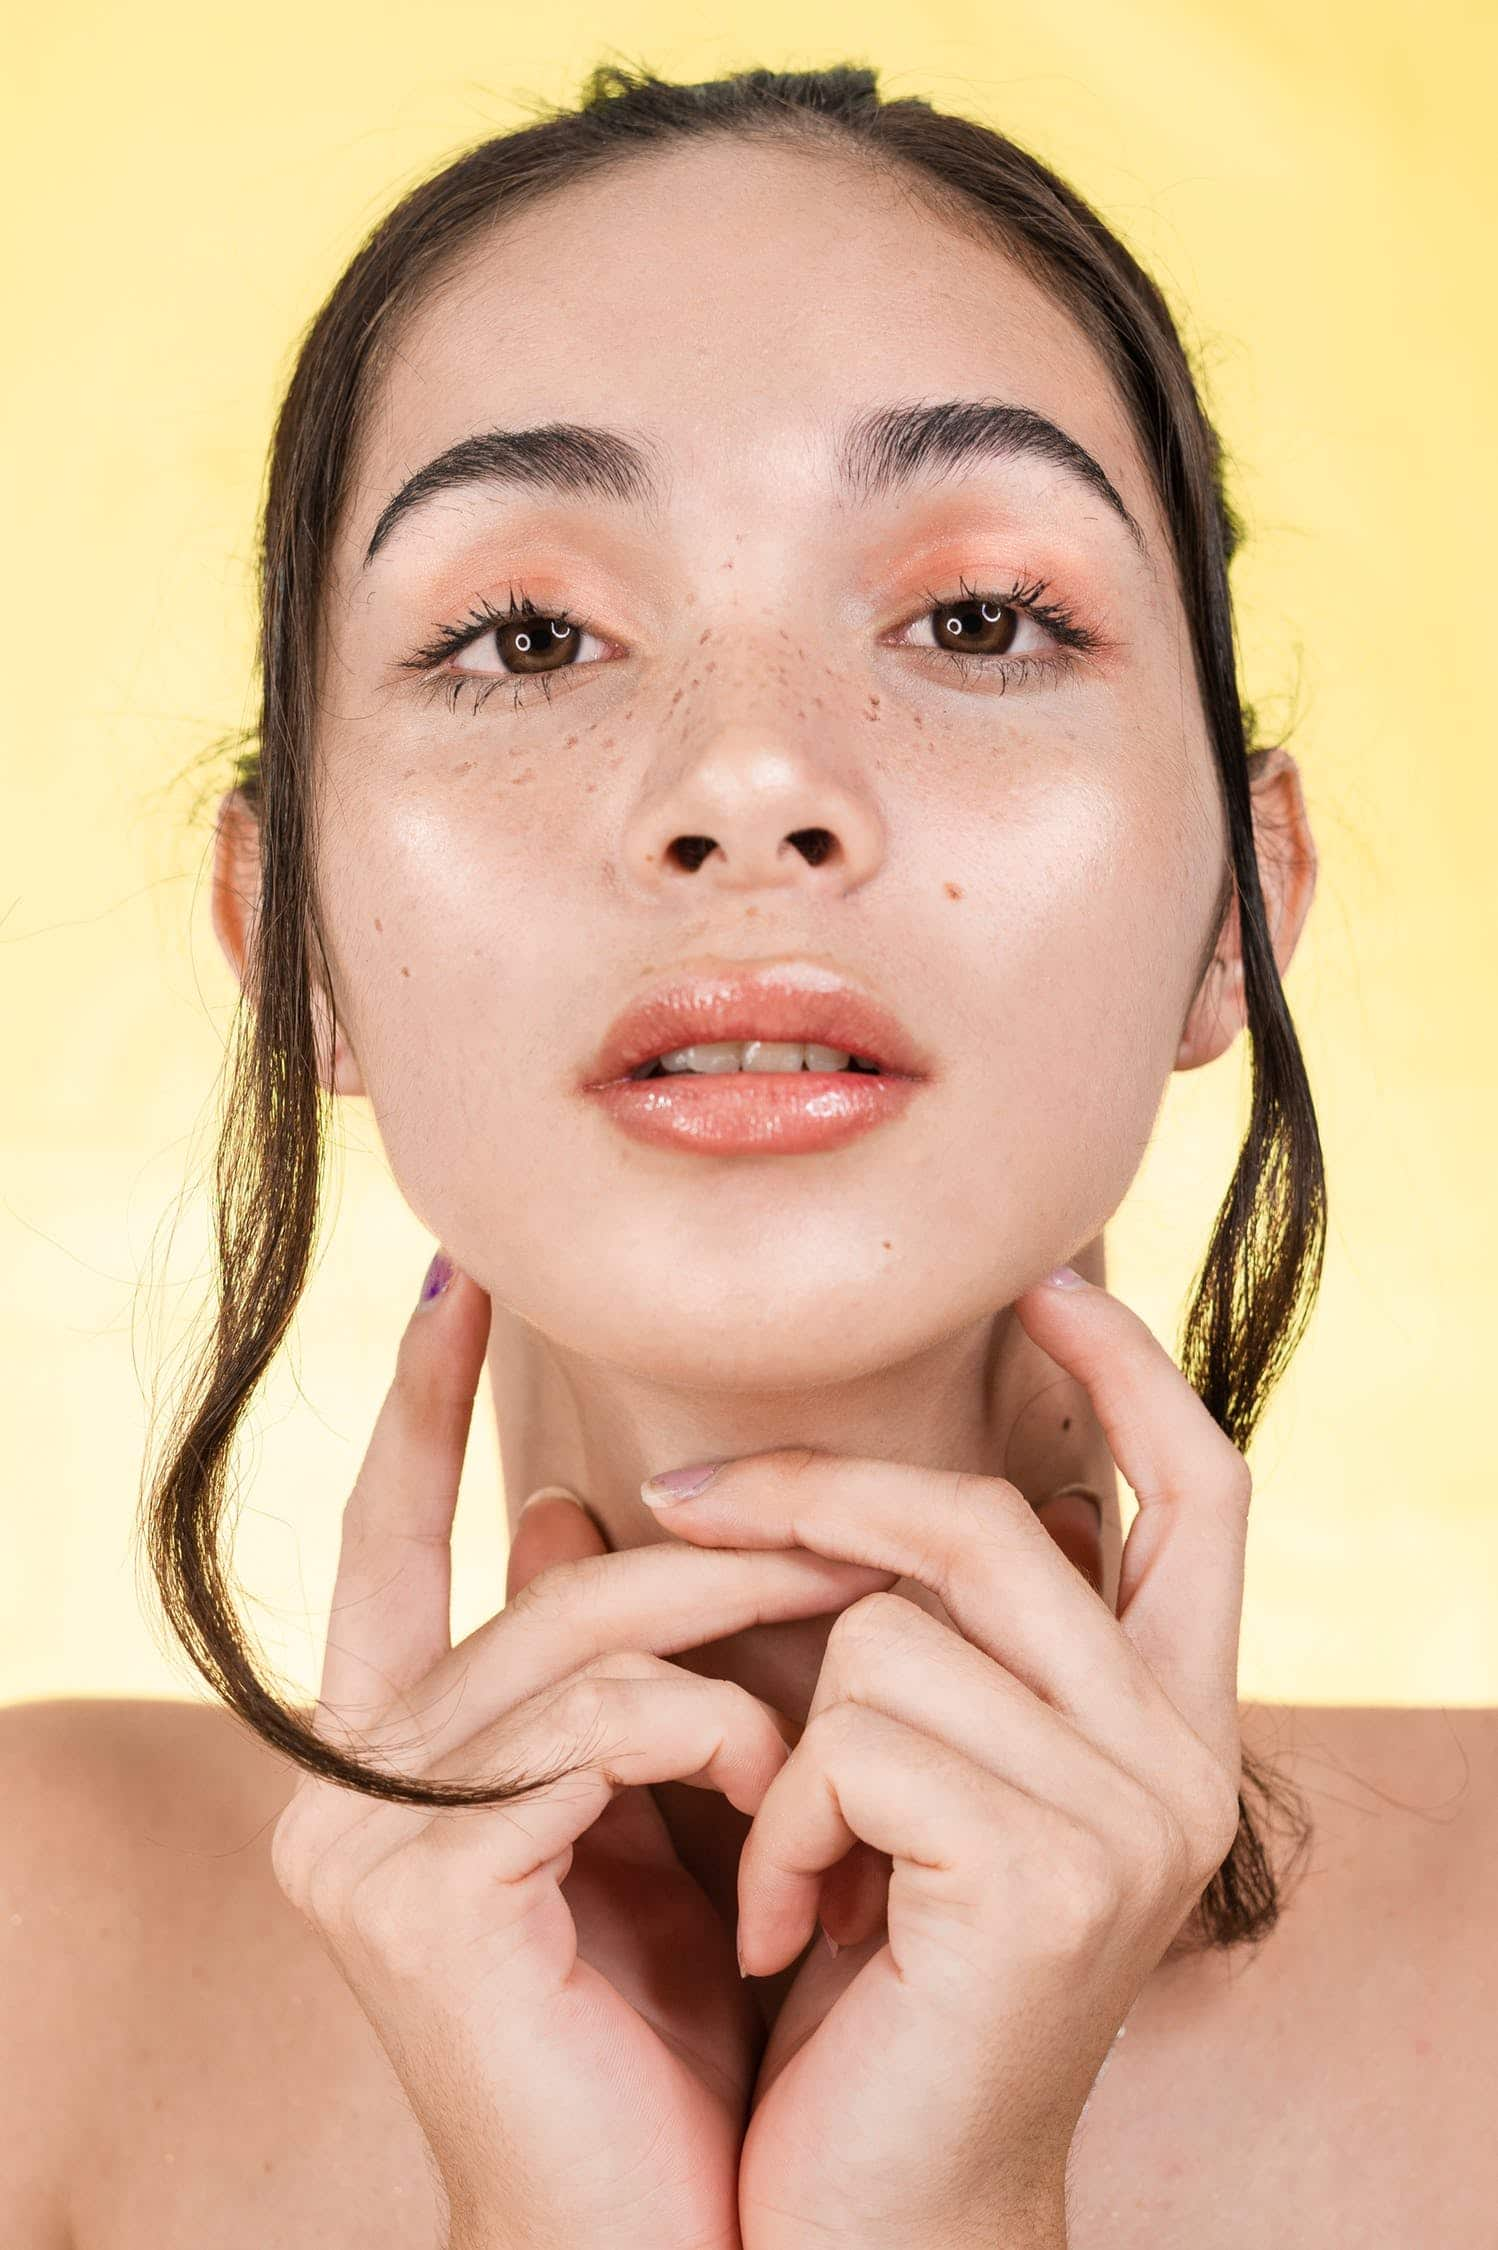 Fond-de-teint-anti-acné-comment-bien-choisir-comment-l'appliquer